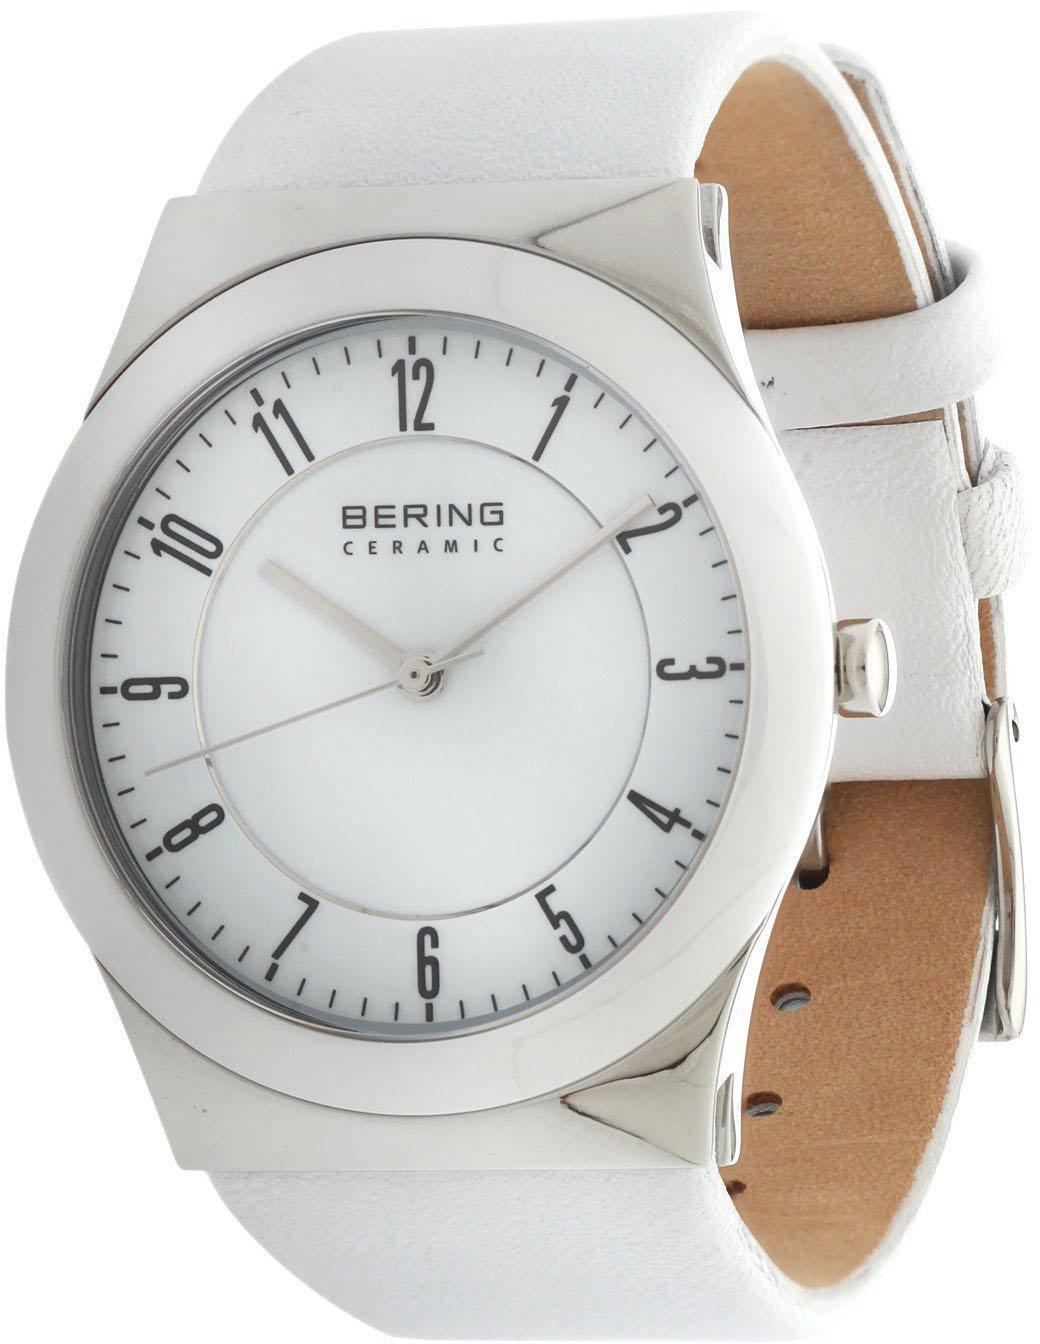 Bering Ceramic 32235-000 от Bering